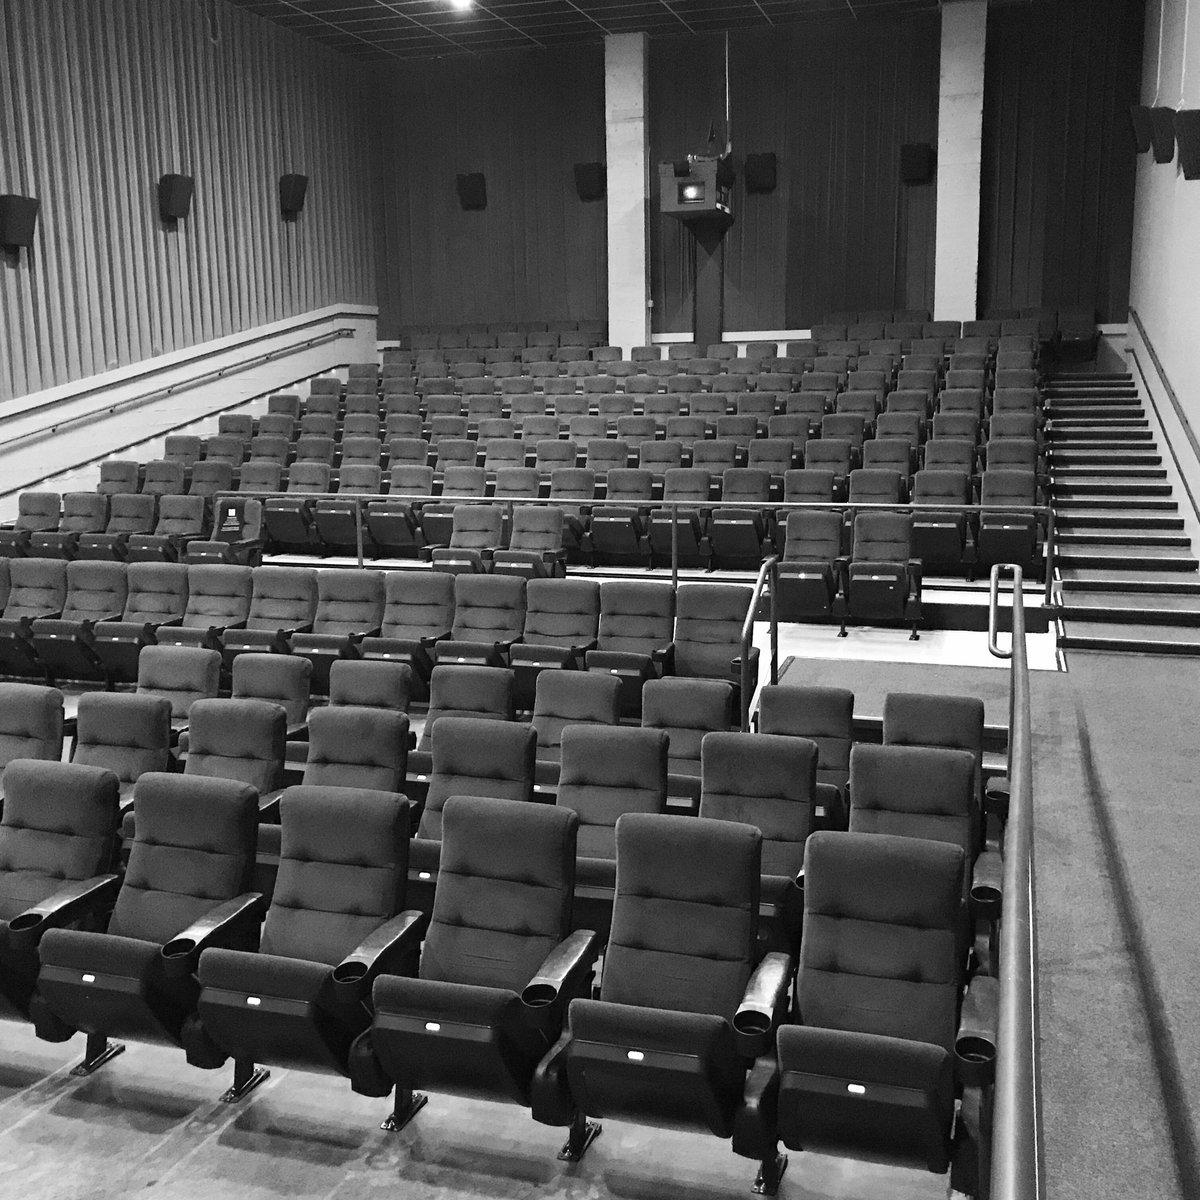 Let's fill the @HistoricAdmiral tonight! onthebrinkmovie.com/screenings